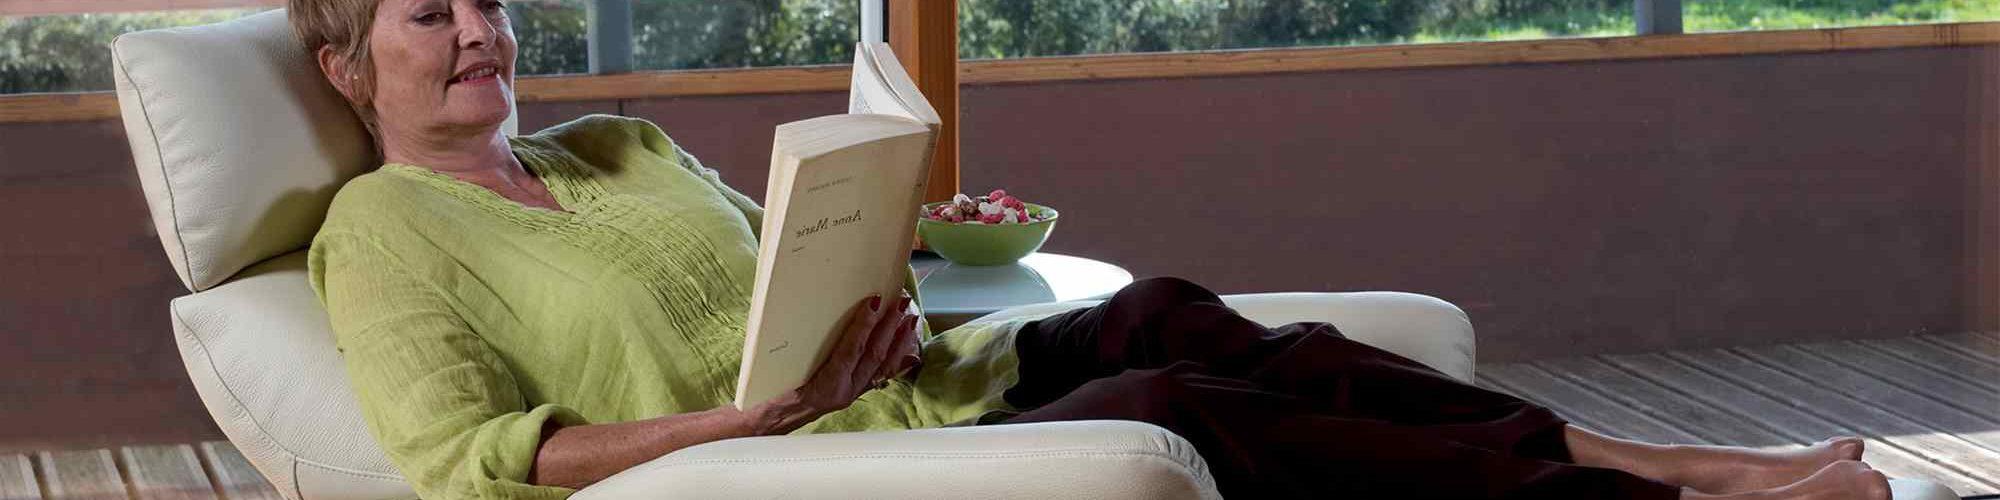 meilleur-fauteuil-relaxant-pour-senior